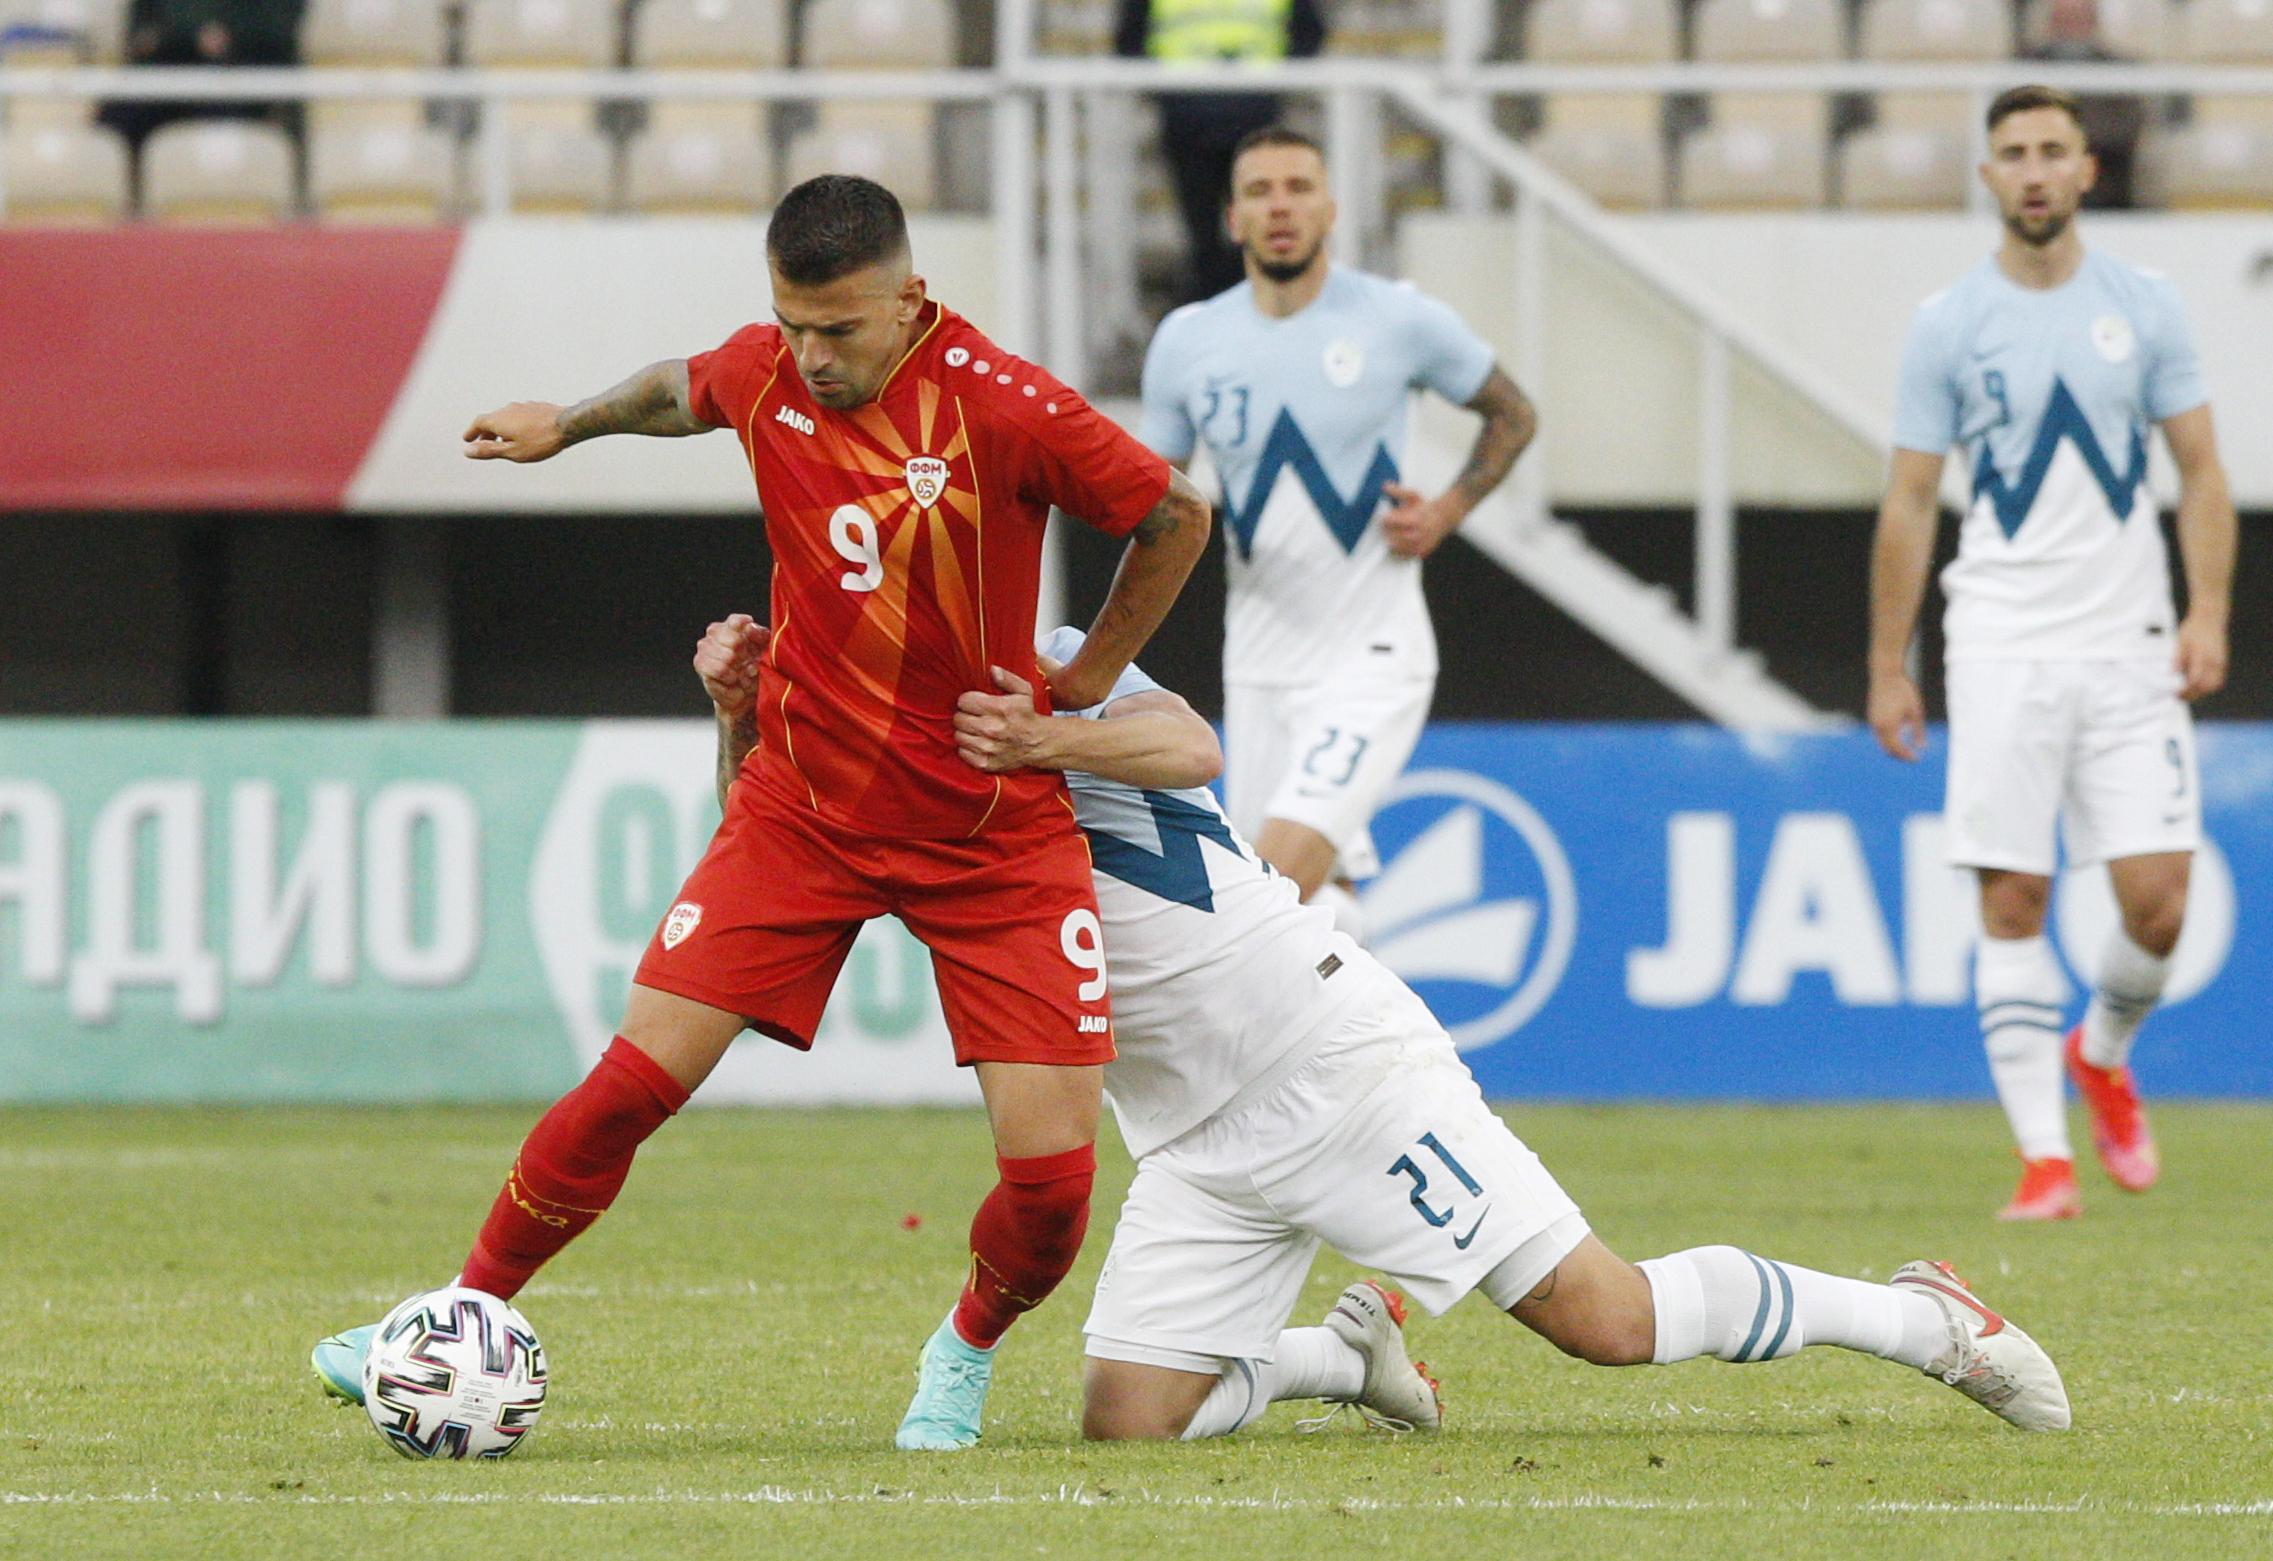 Euro 2020: Προκλητική η Βόρεια Μακεδονία για το όνομα της ποδοσφαιρικής ομοσπονδίας